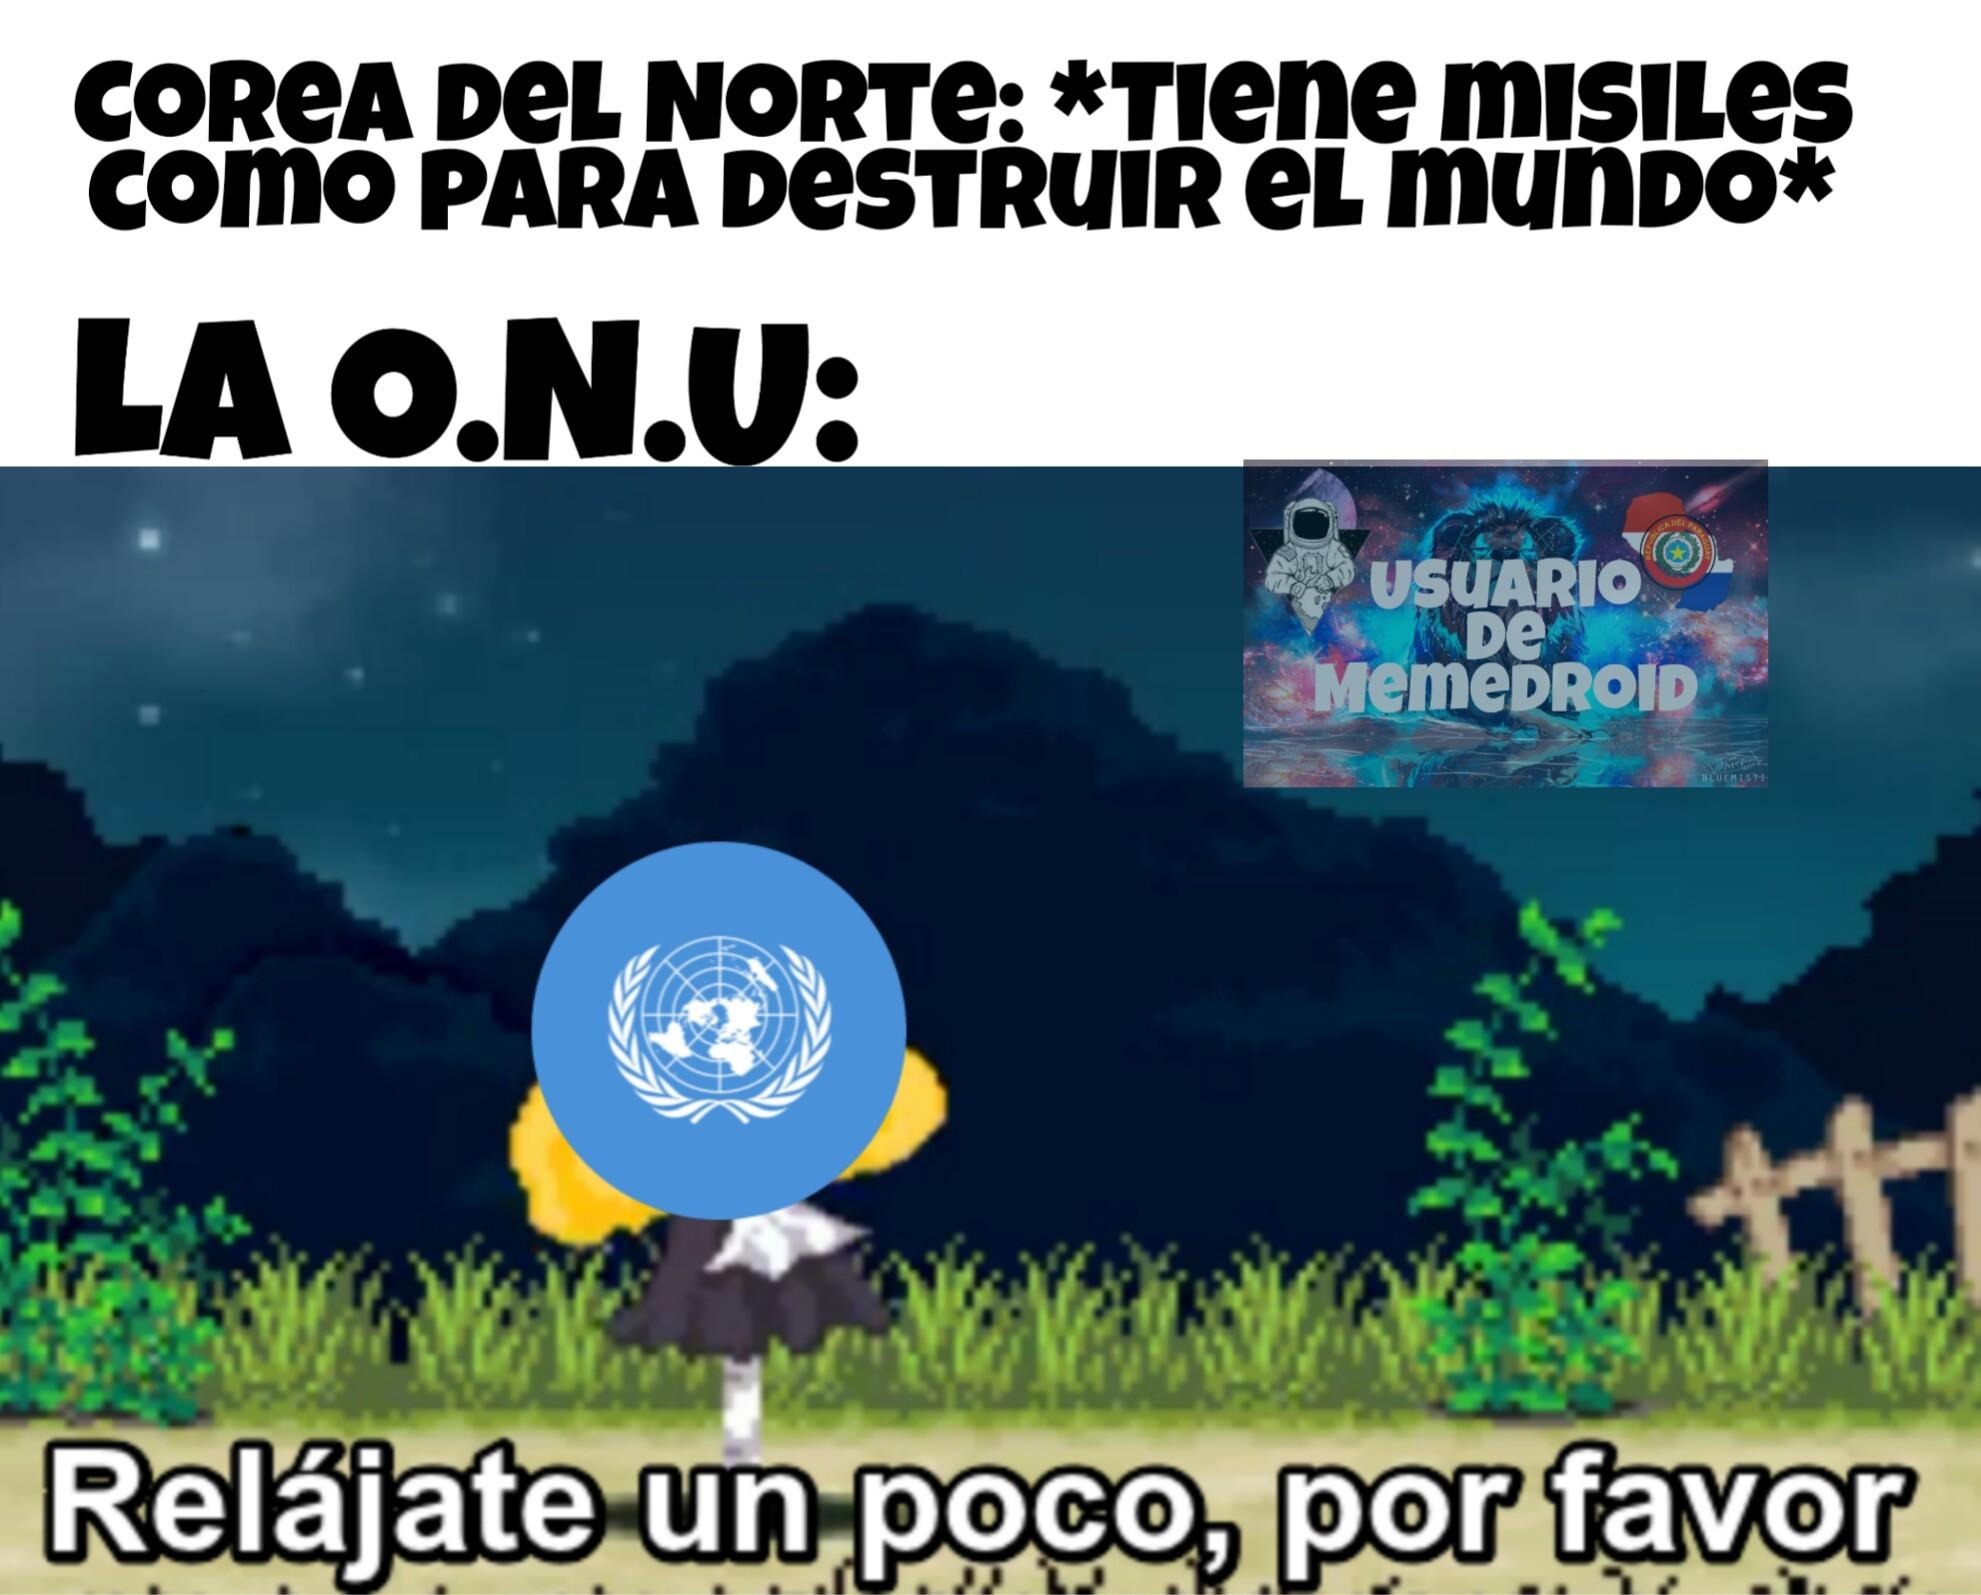 La O.N.U - meme